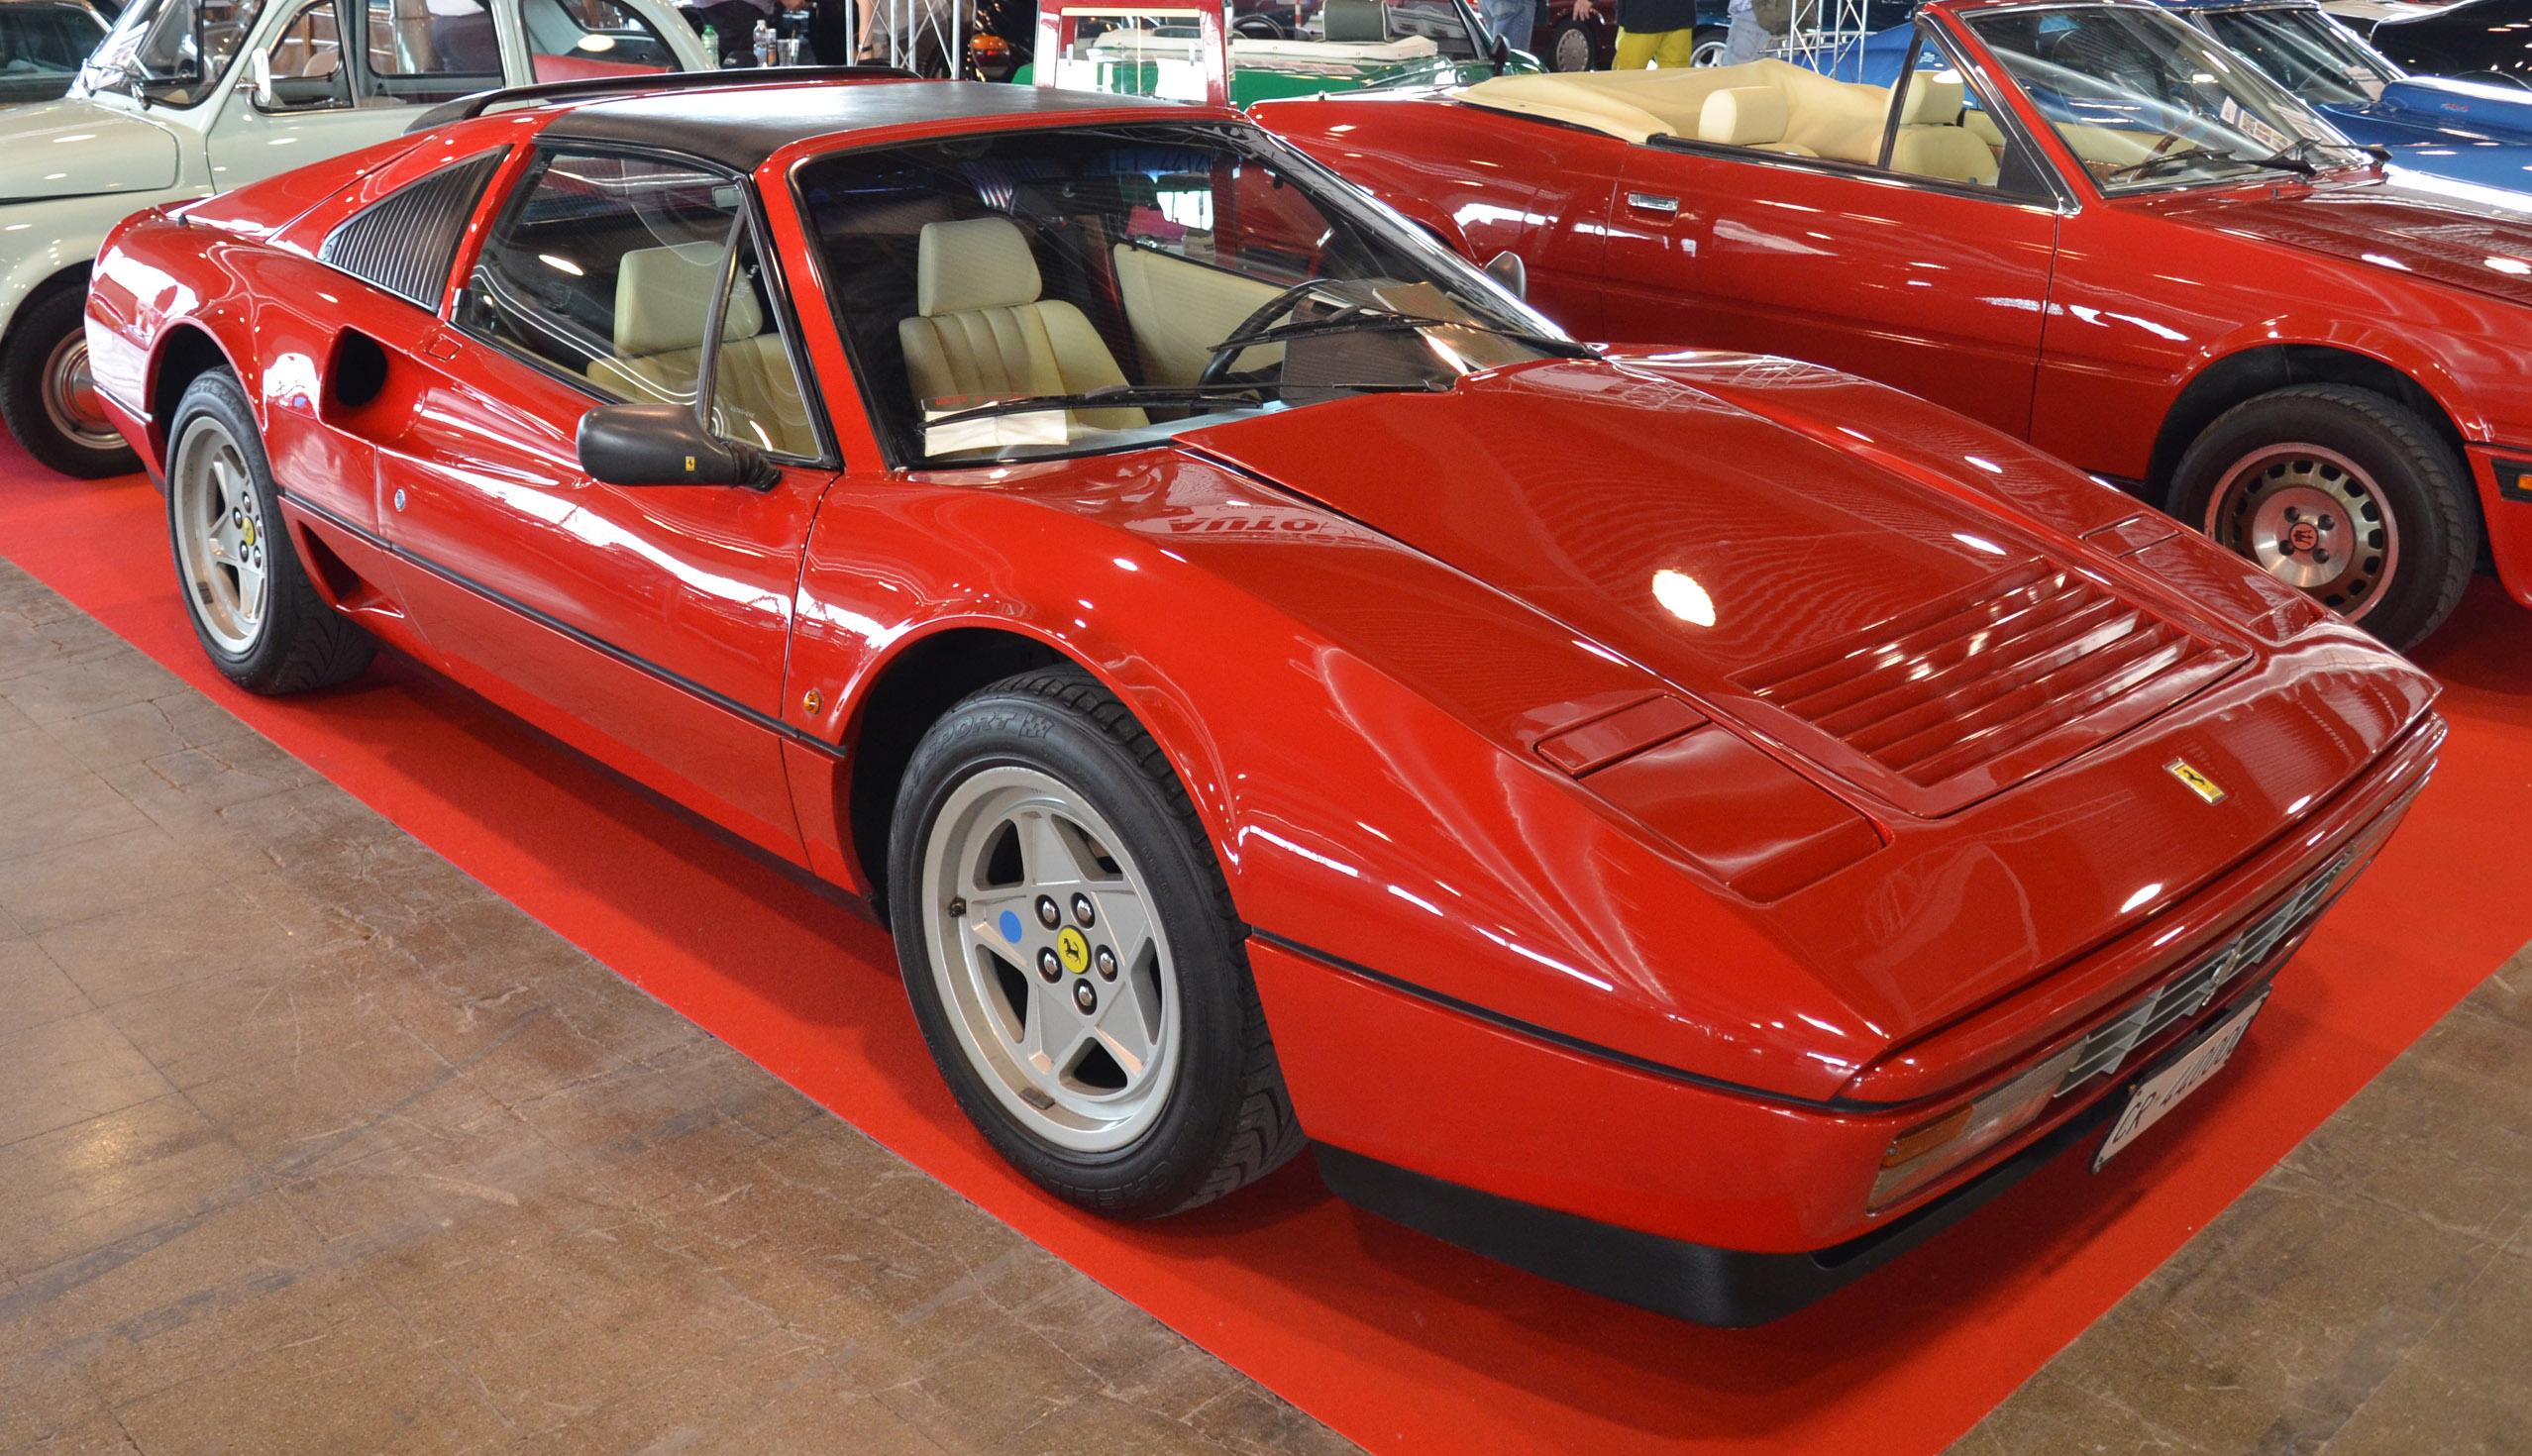 Ferrari 328 wikipedia ferrari gts turbo del 1987 vanachro Image collections